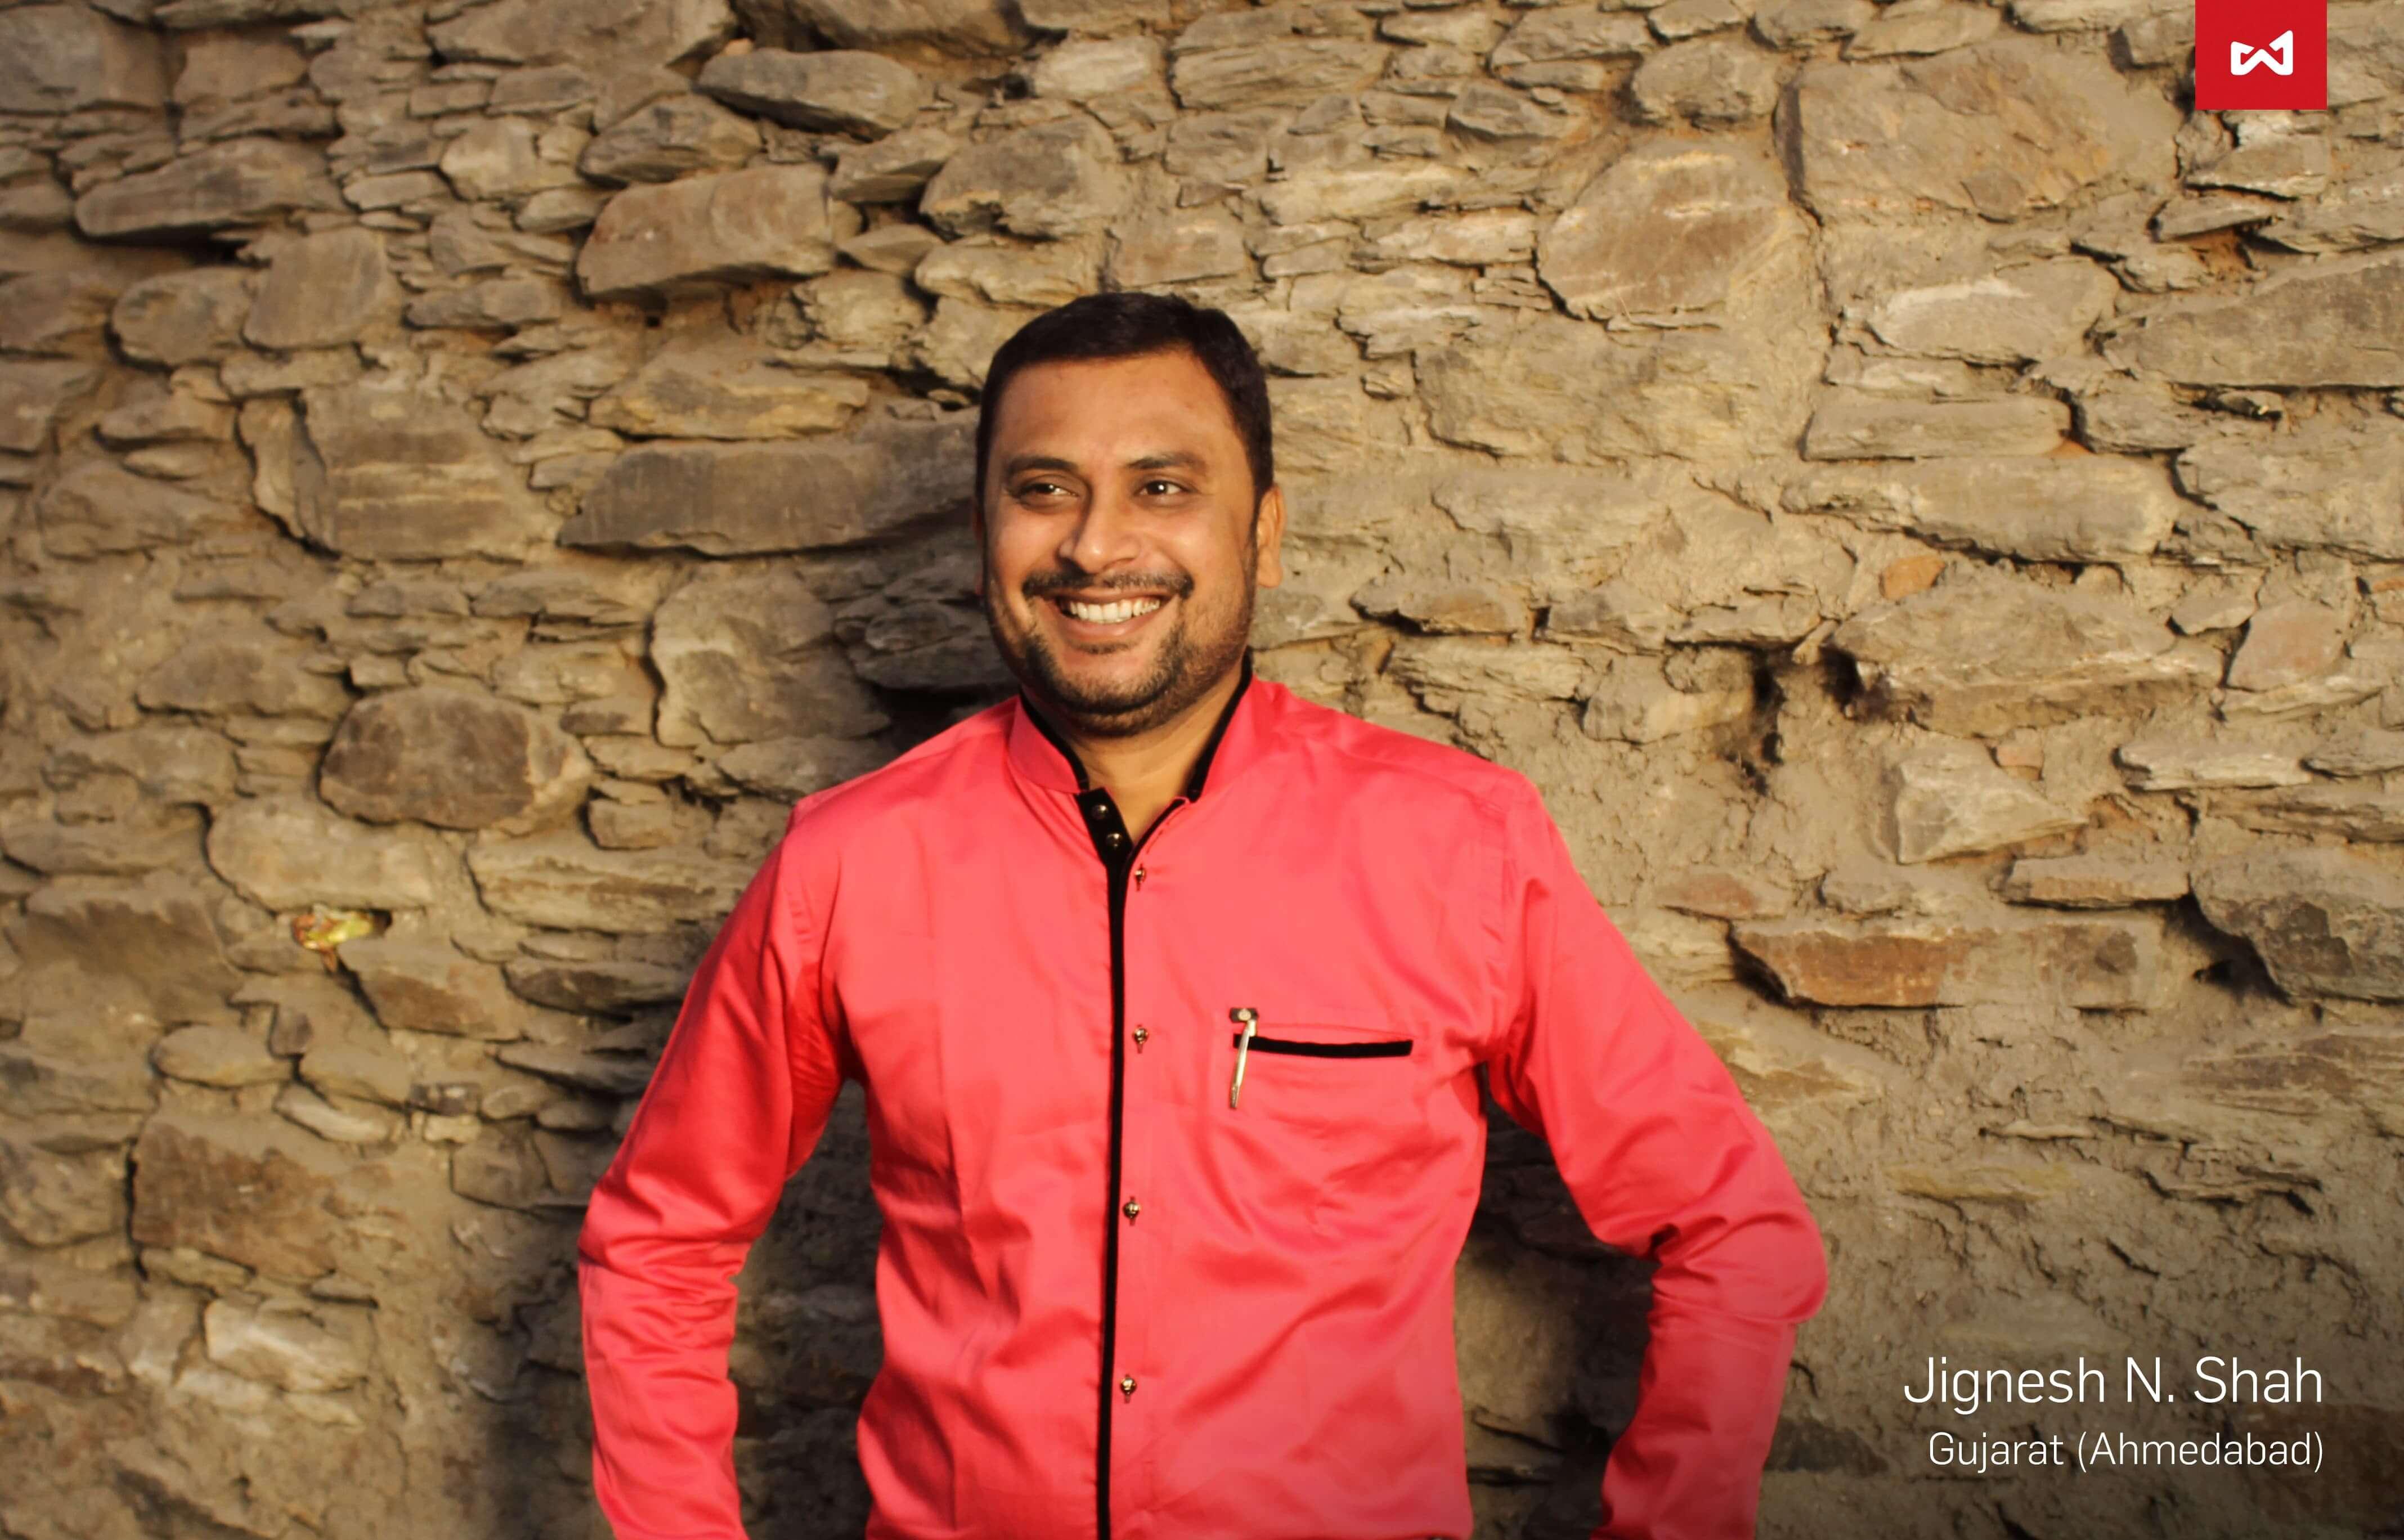 Jignesh N. Shah